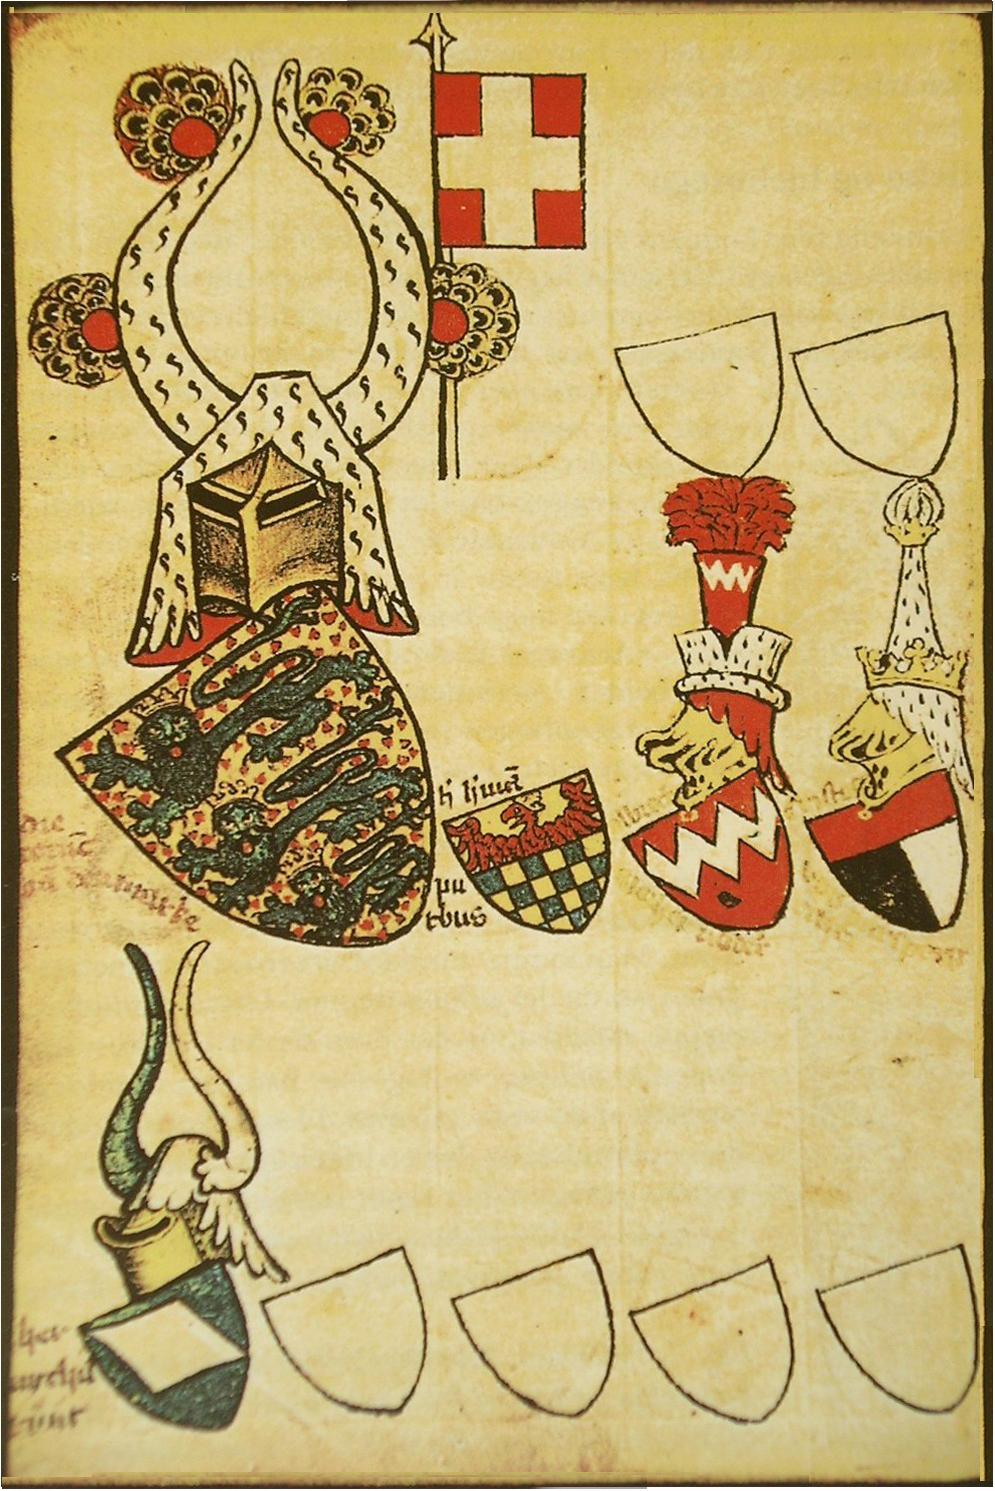 Abbildung aus dem Armorial Gelre mit der ältesten bekannten Darstellung des Dannebrogs (um 1400)